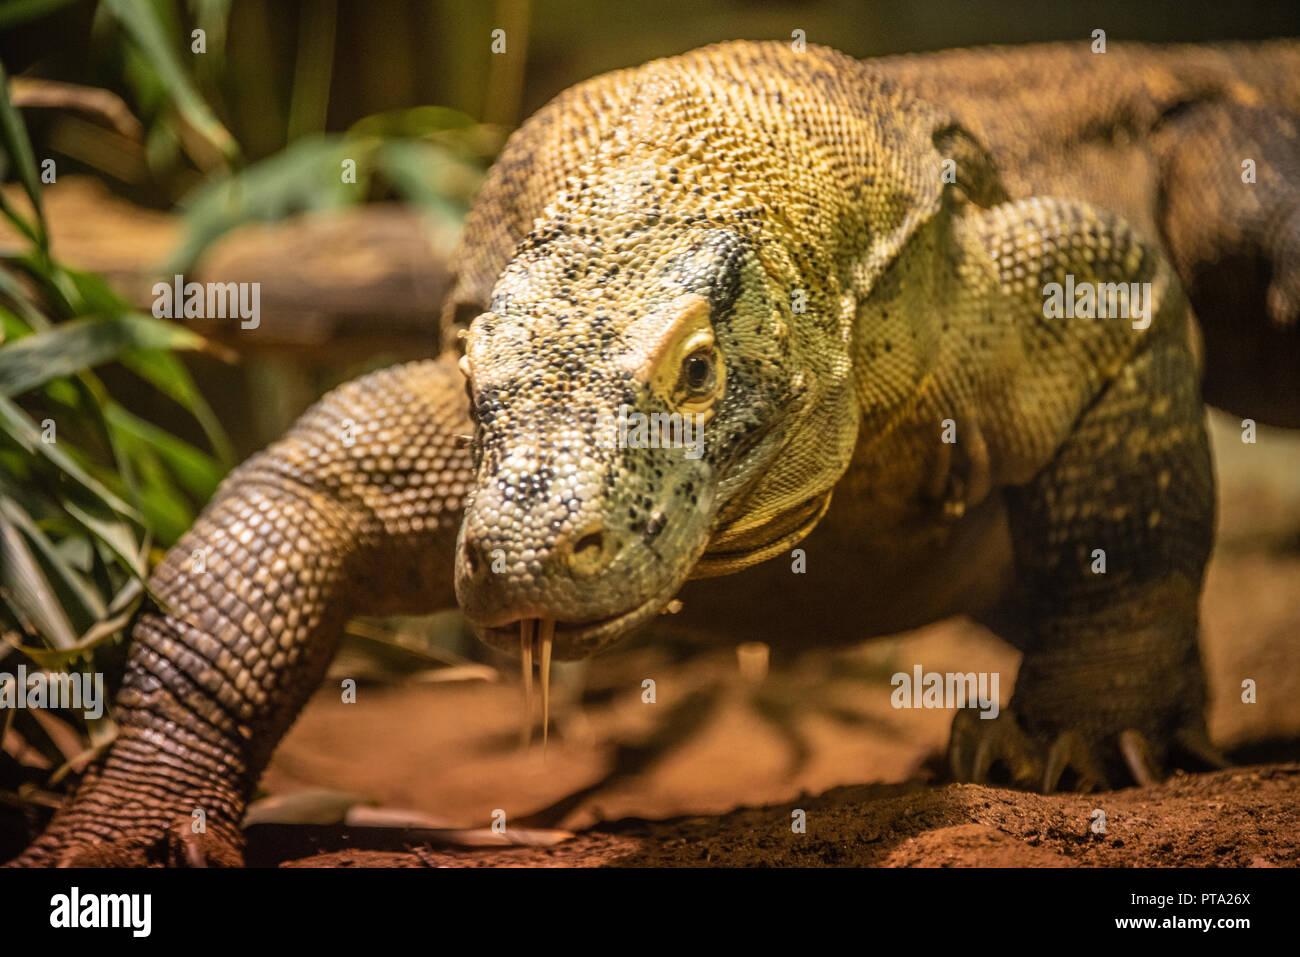 Approaching Komodo dragon (also known as a Komodo monitor) at Zoo Atlanta near downtown Atlanta, Georgia. (USA) - Stock Image